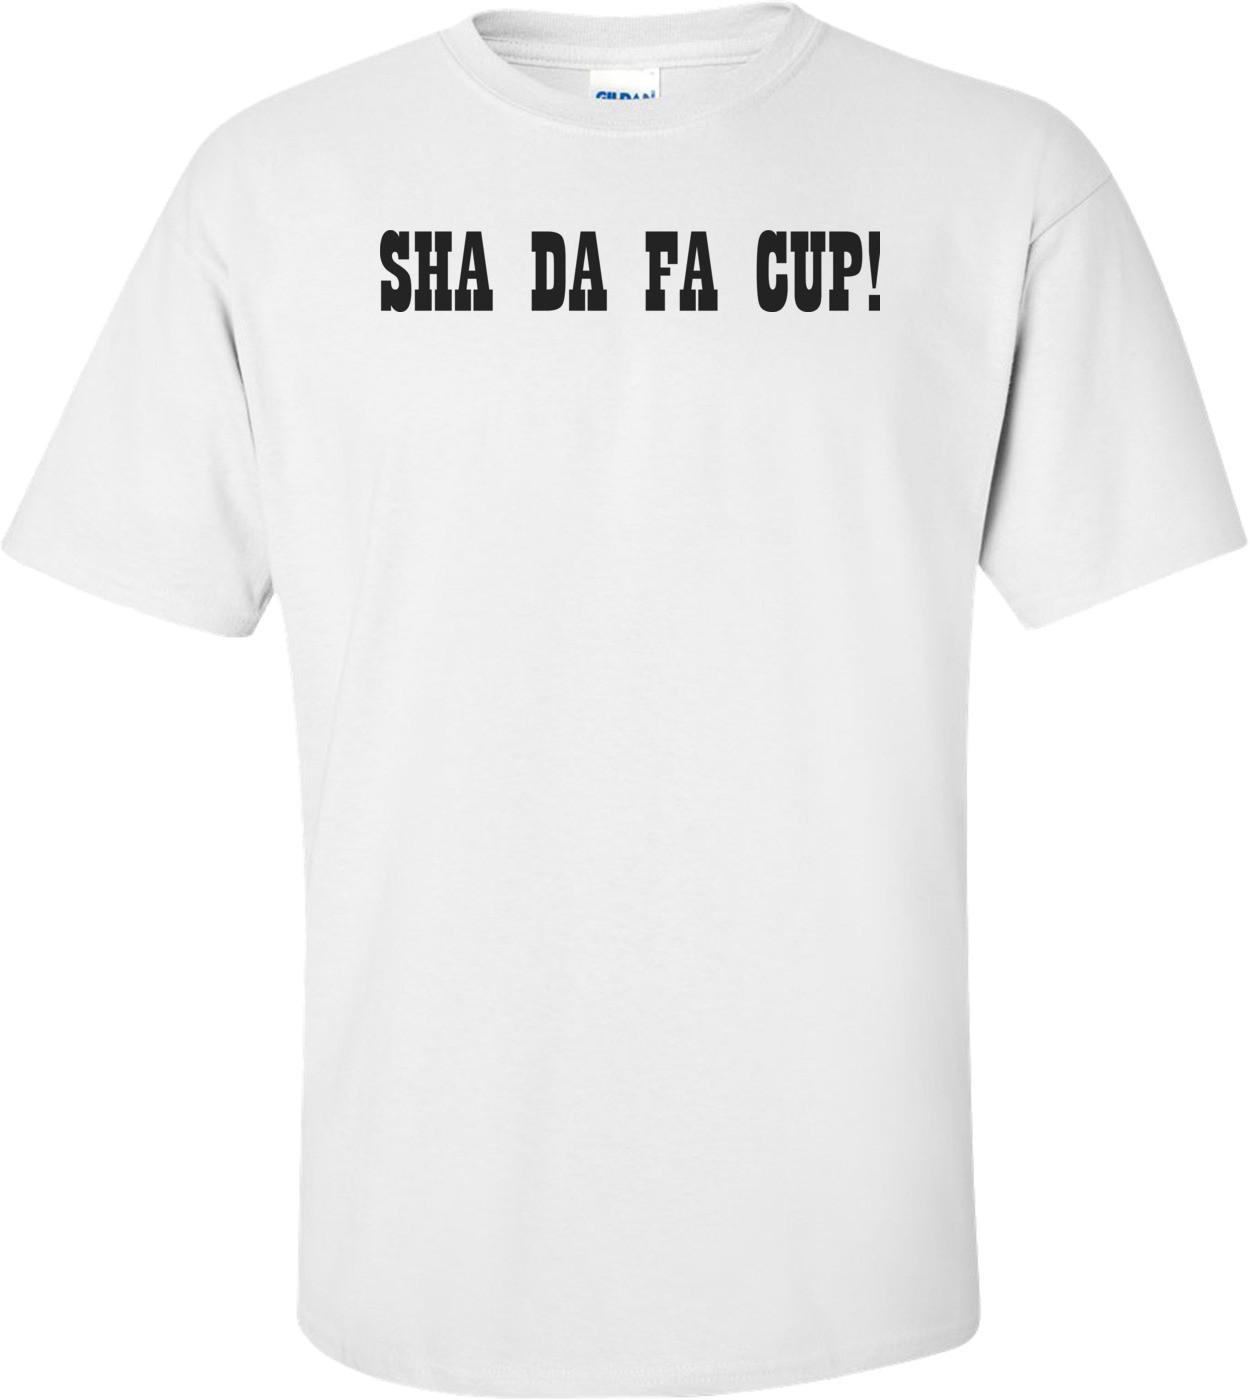 Sha-da-fa-cup T-shirt